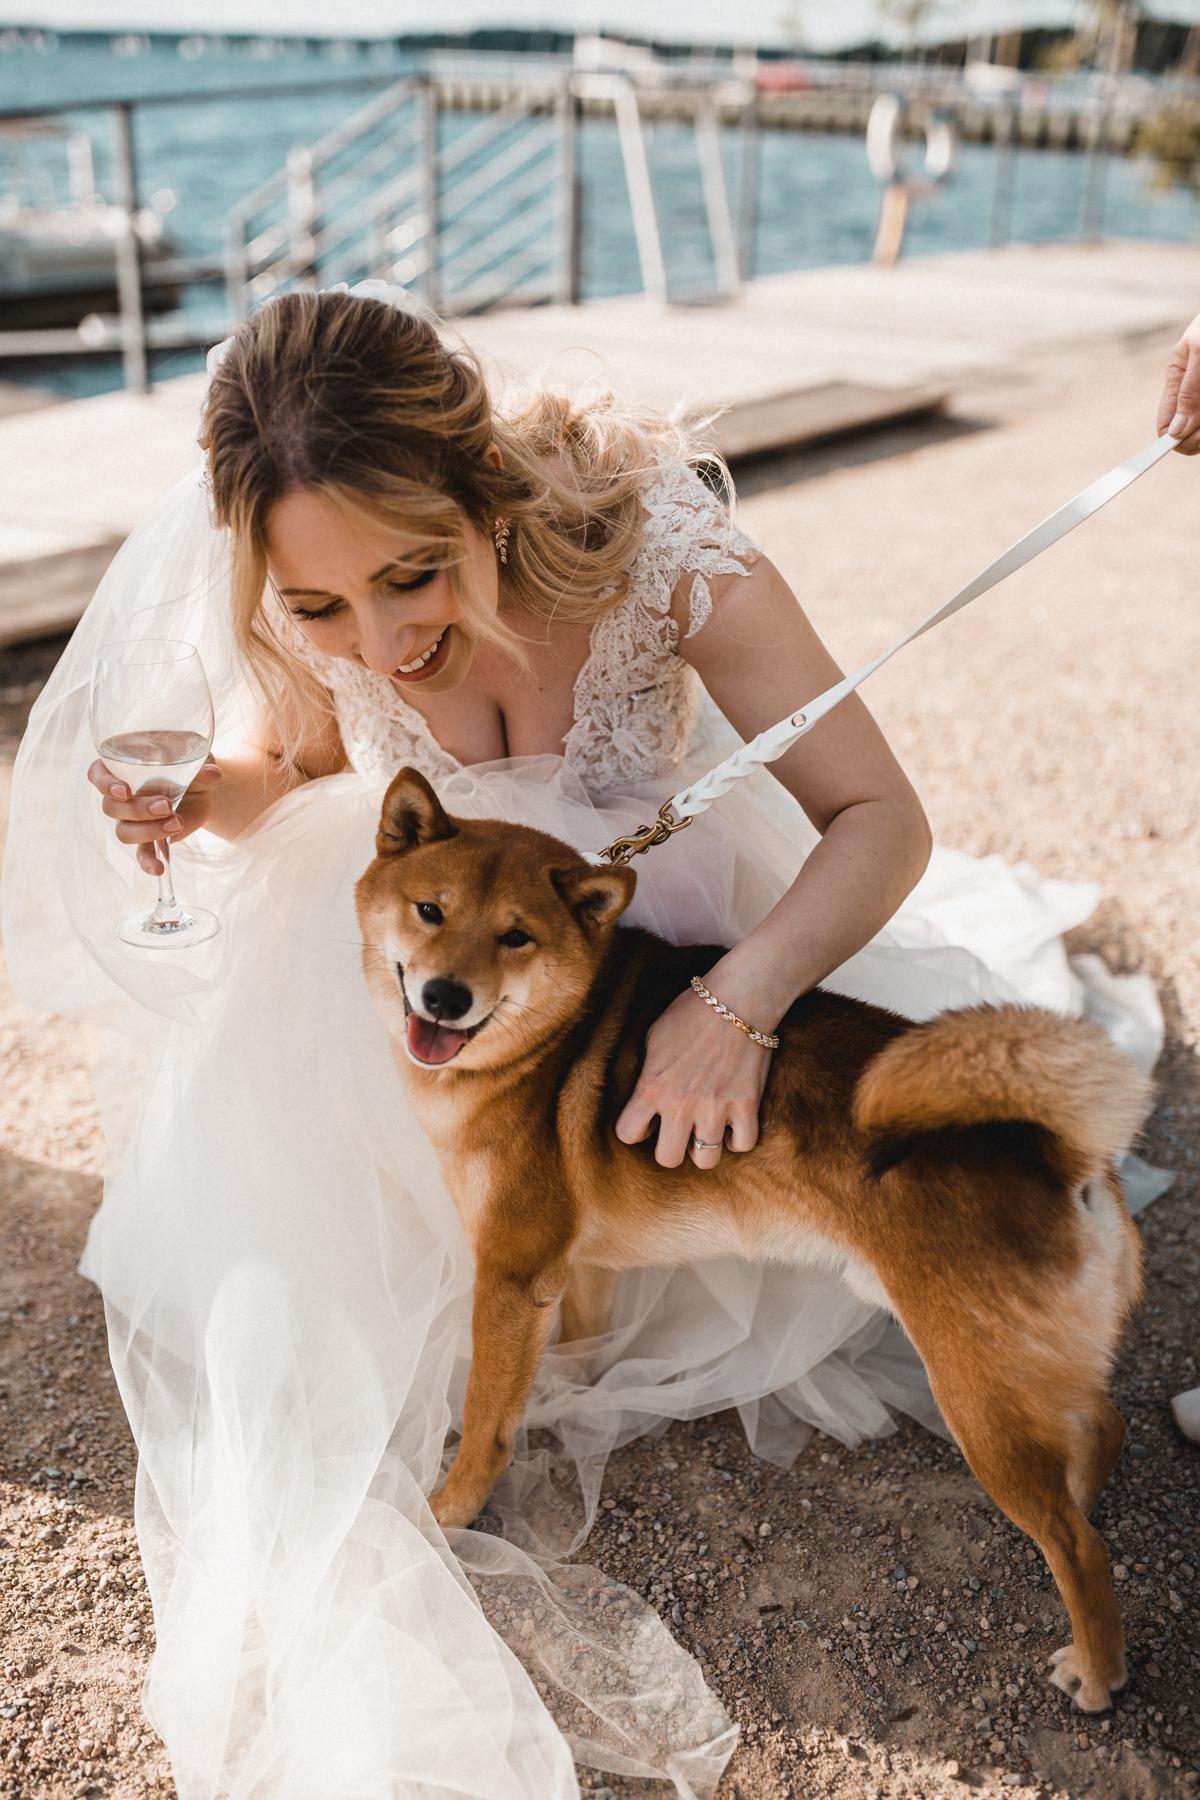 Hochzeit mit Hund. Die Braut zusammen mit ihrem Shiba Inu am Großen Wannsee in Berlin